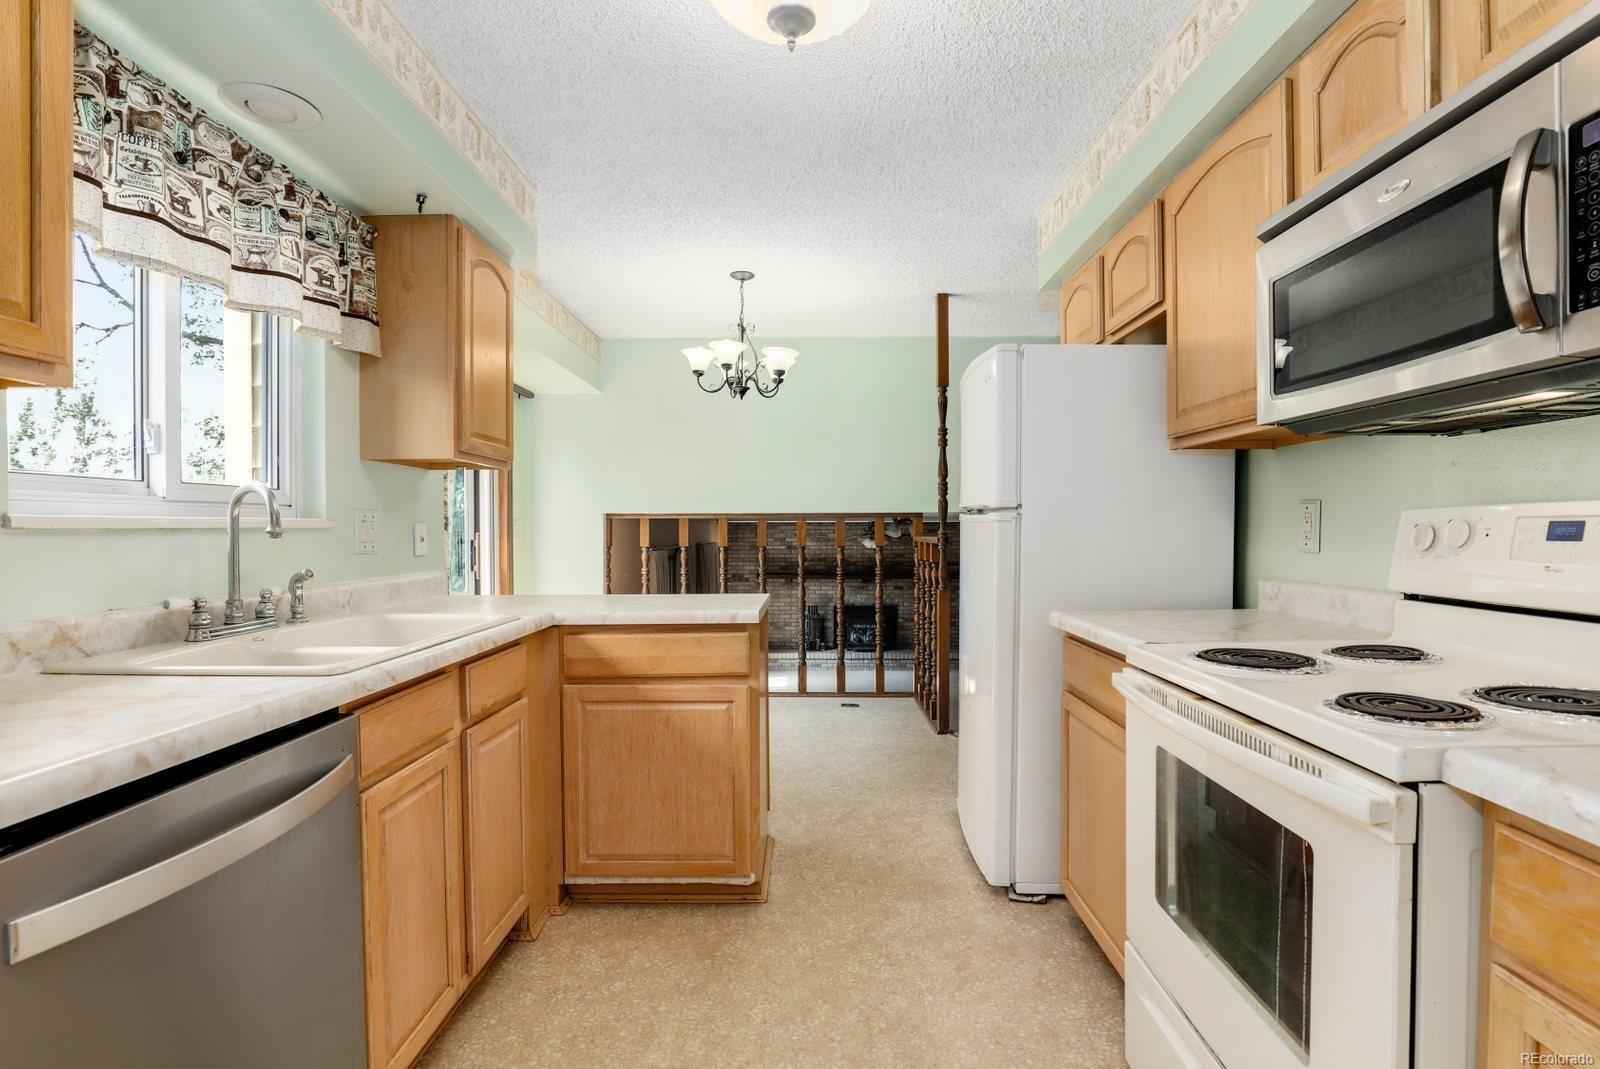 MLS# 9388293 - 10 - 920 Coral Court, Castle Rock, CO 80104